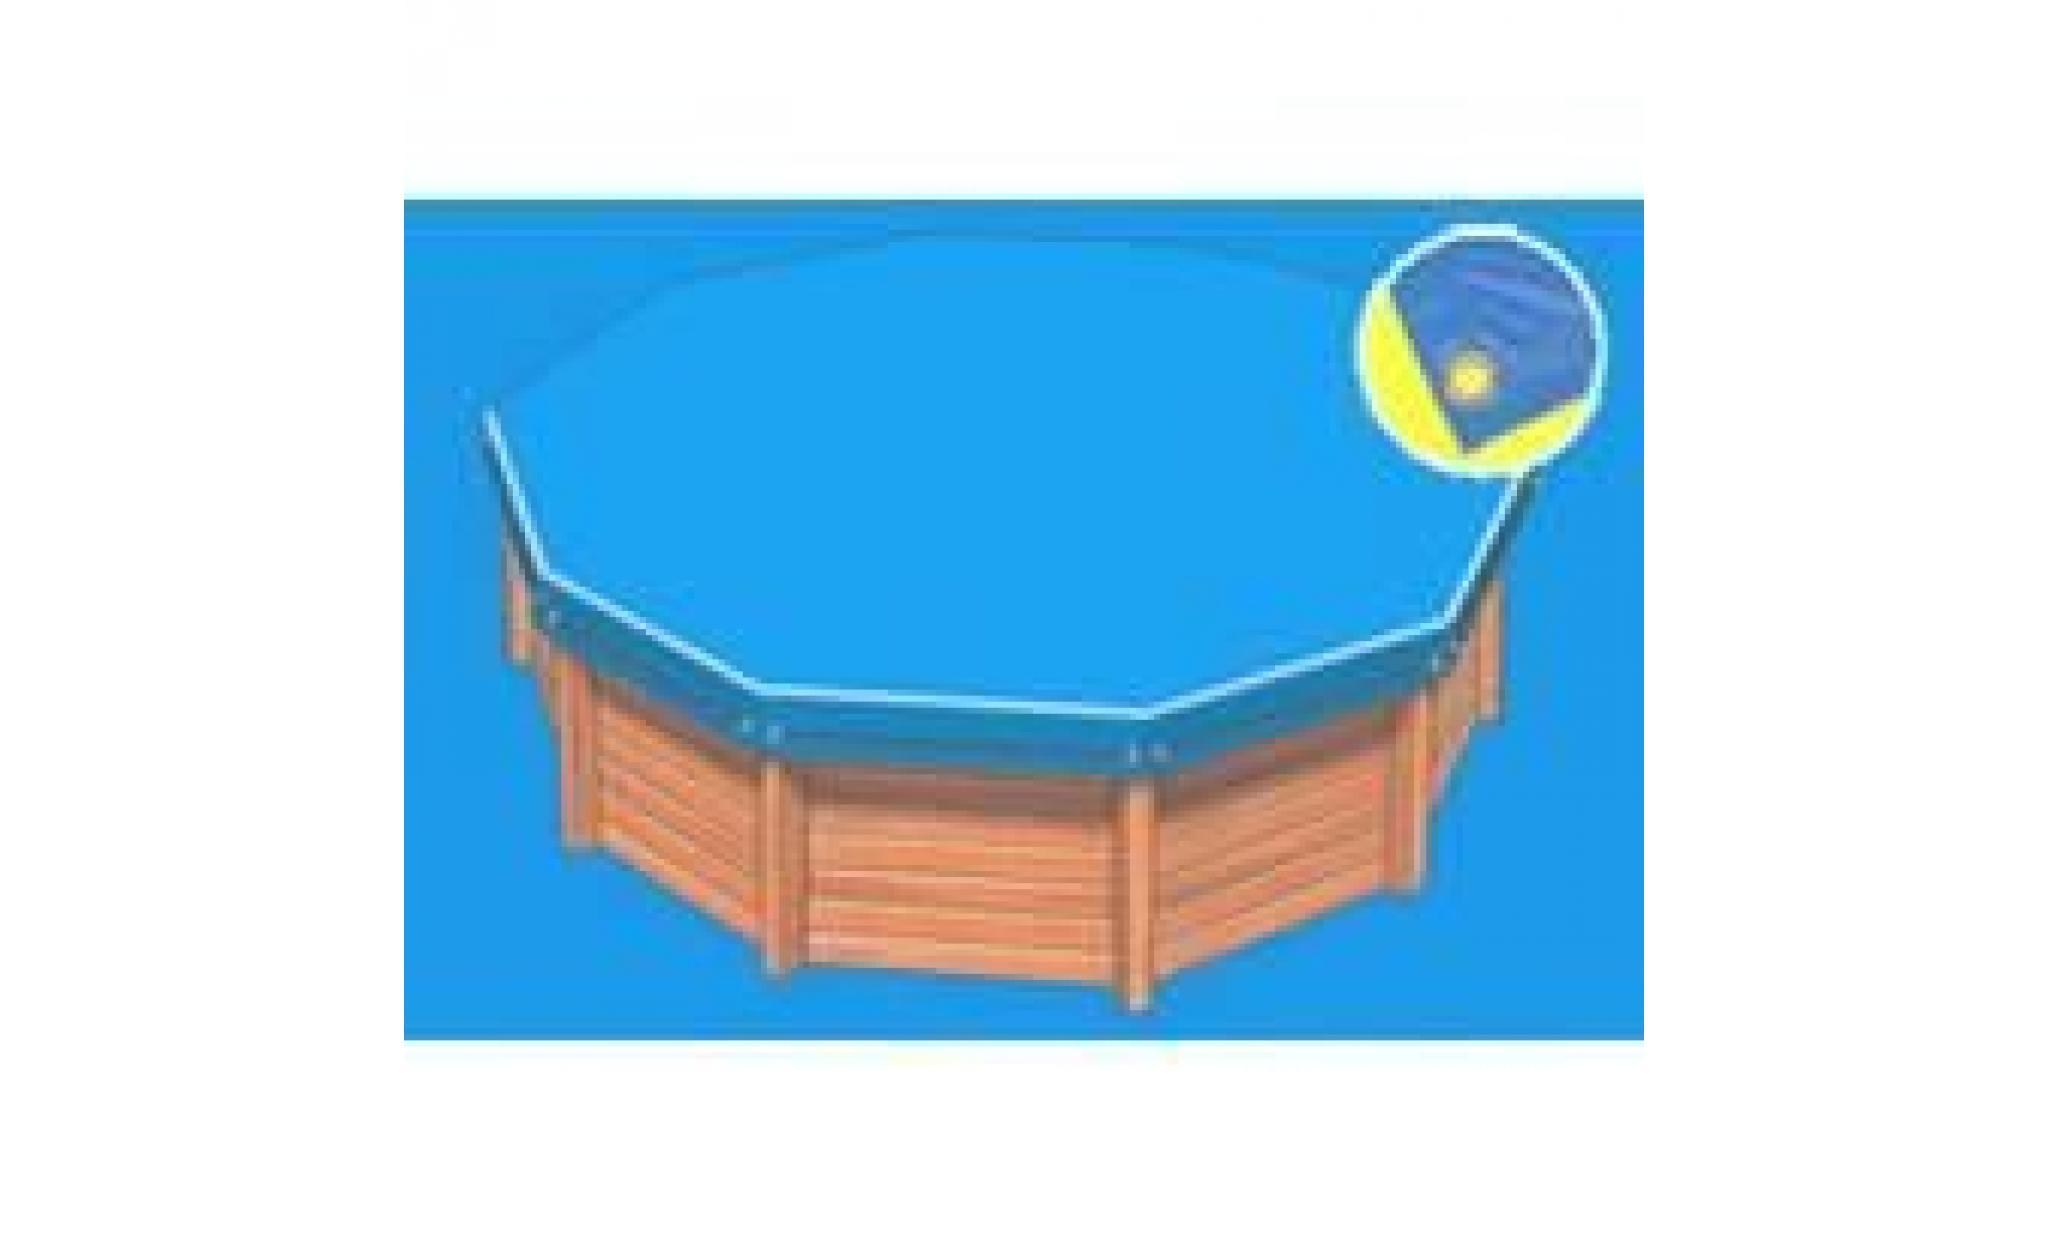 B che hiver luxe bleue pour piscine cristaline achat for Piscine cristaline